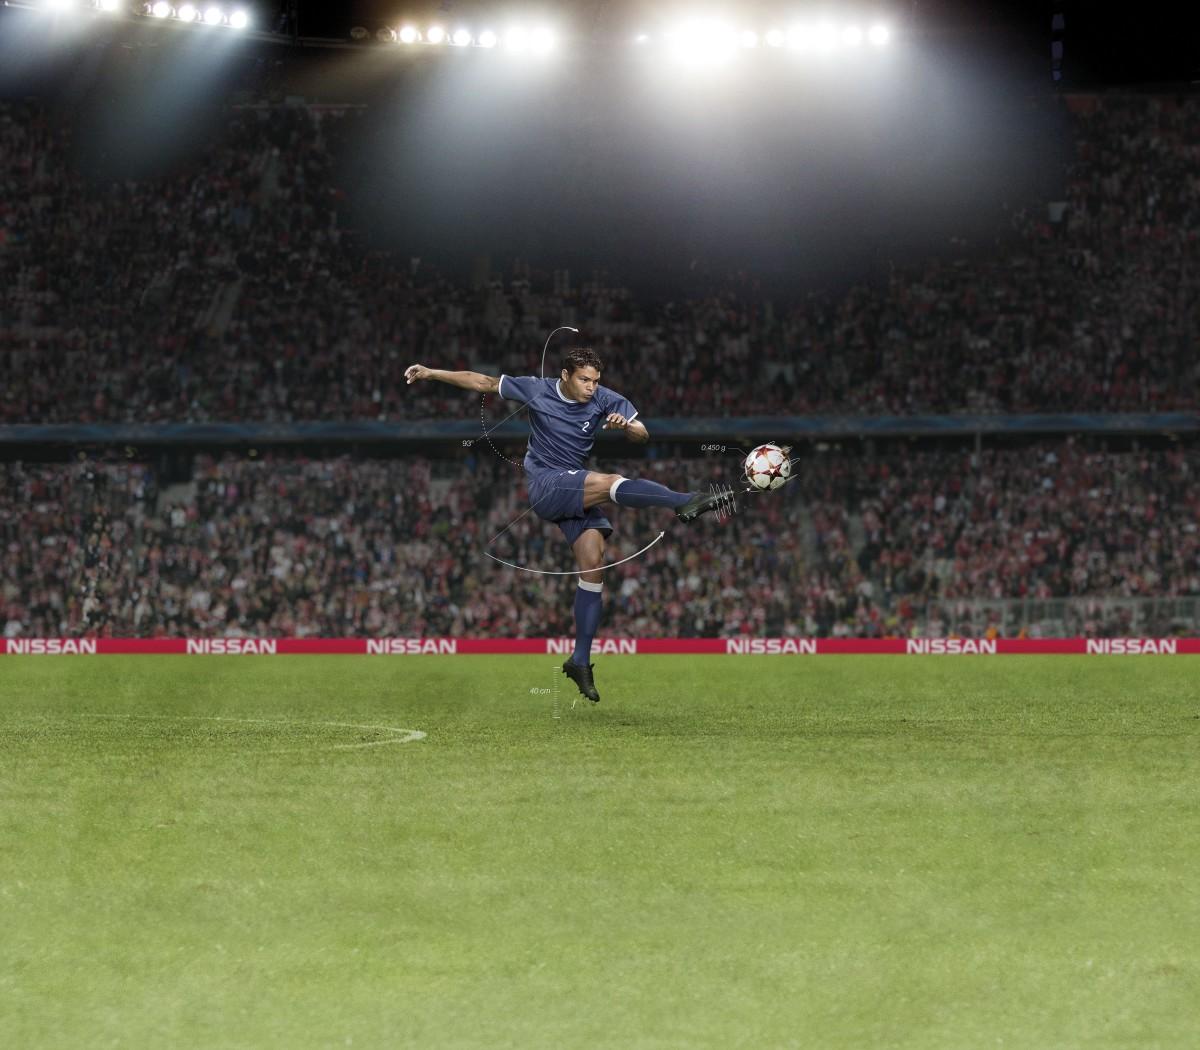 Con Nissan alla finale di Champions League